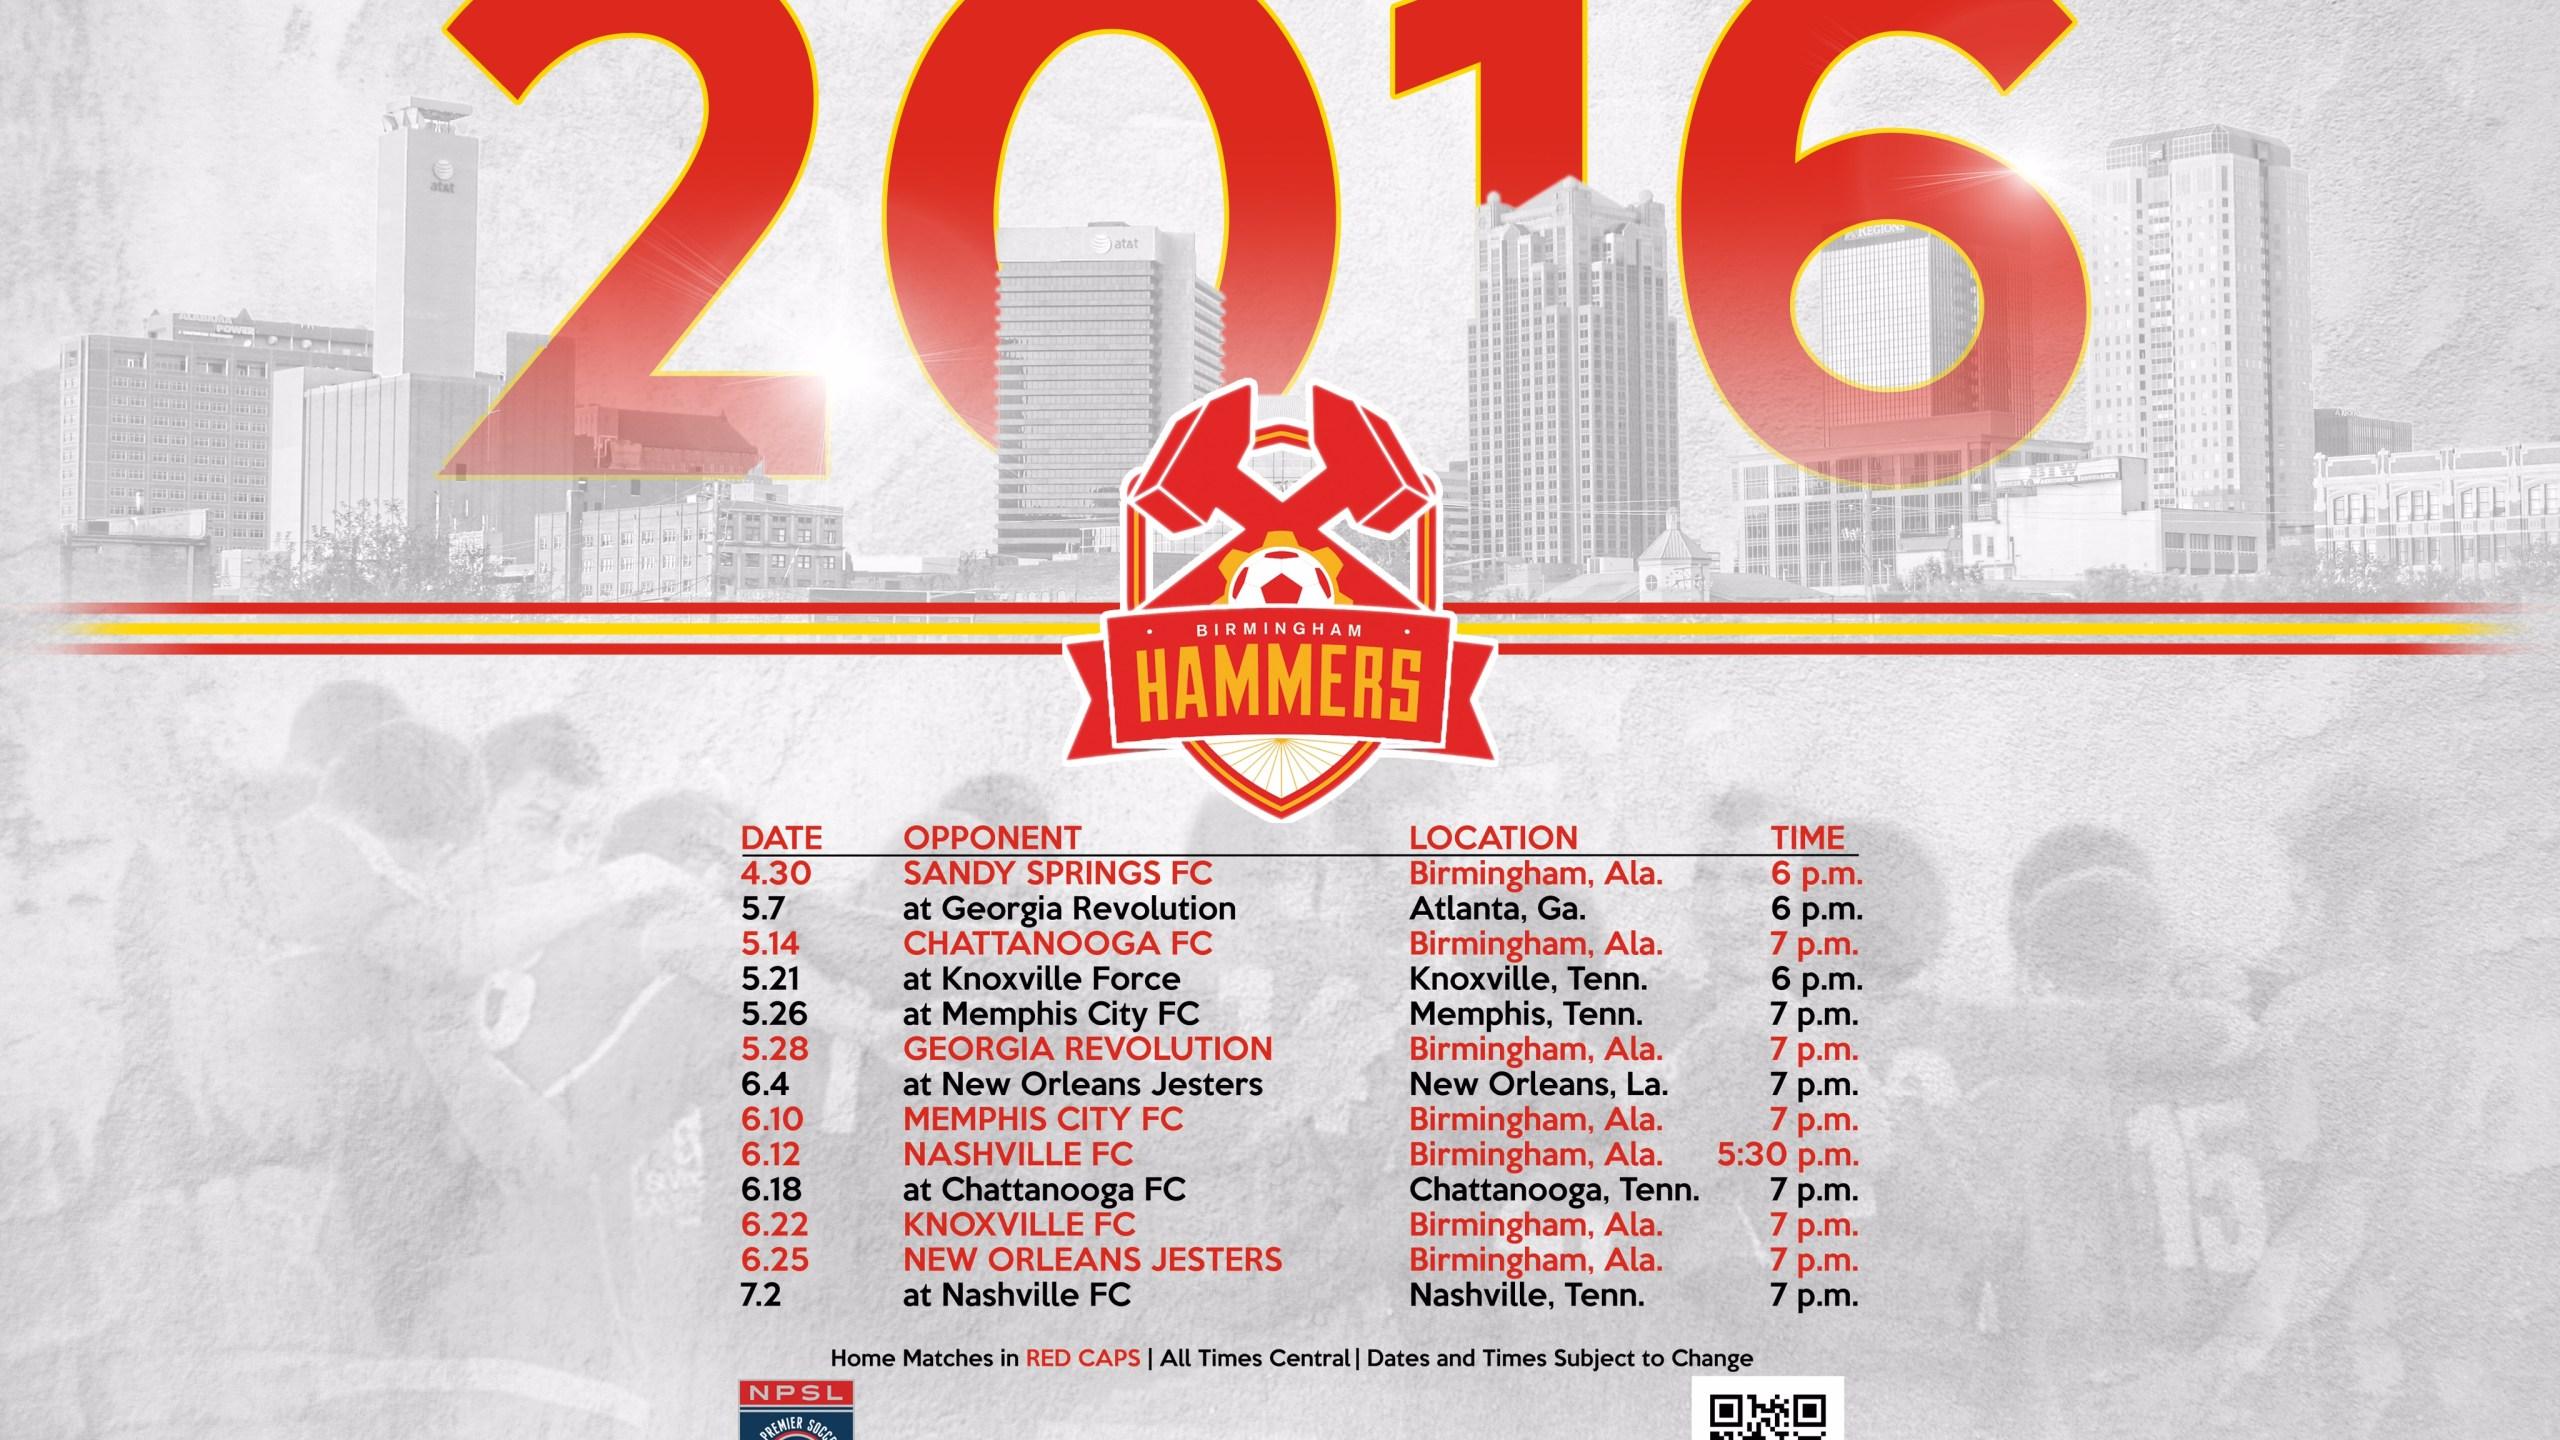 Bham Hammers 2016 Schedule_151193